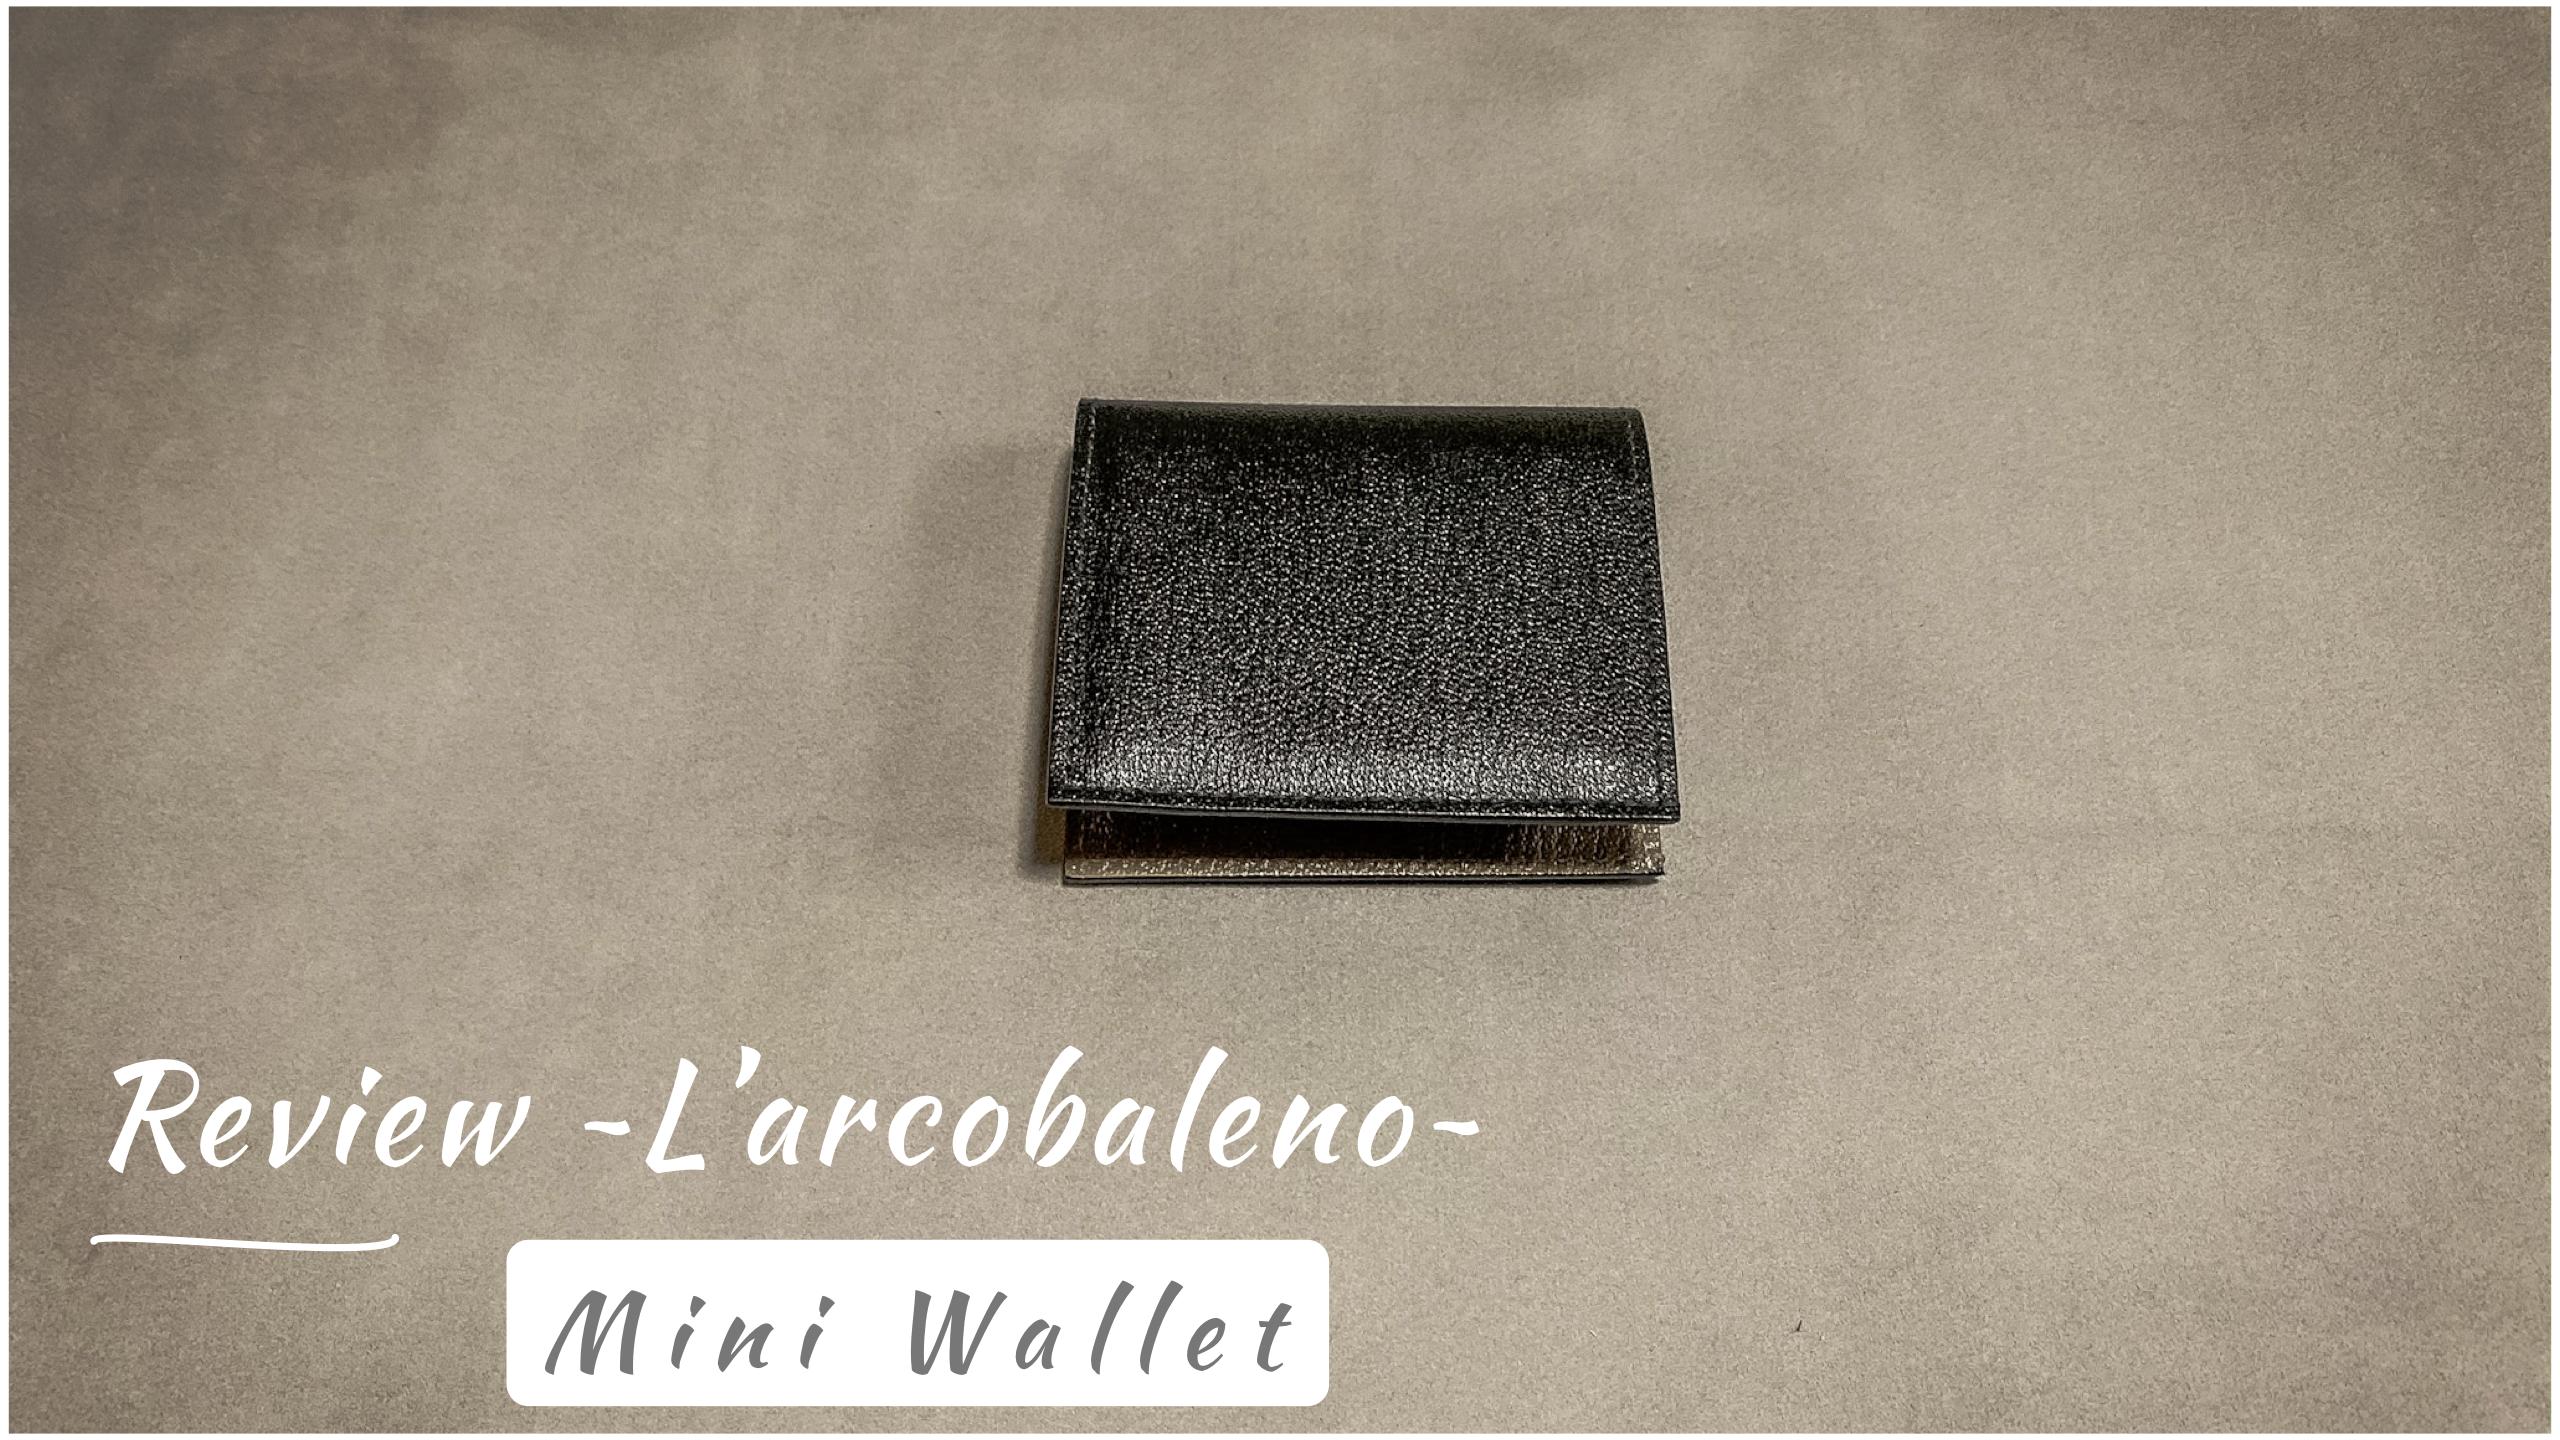 【ミニマル財布レビュー】L'arcobaleno(ラルコバレーノ)二つ折りミニウォレット